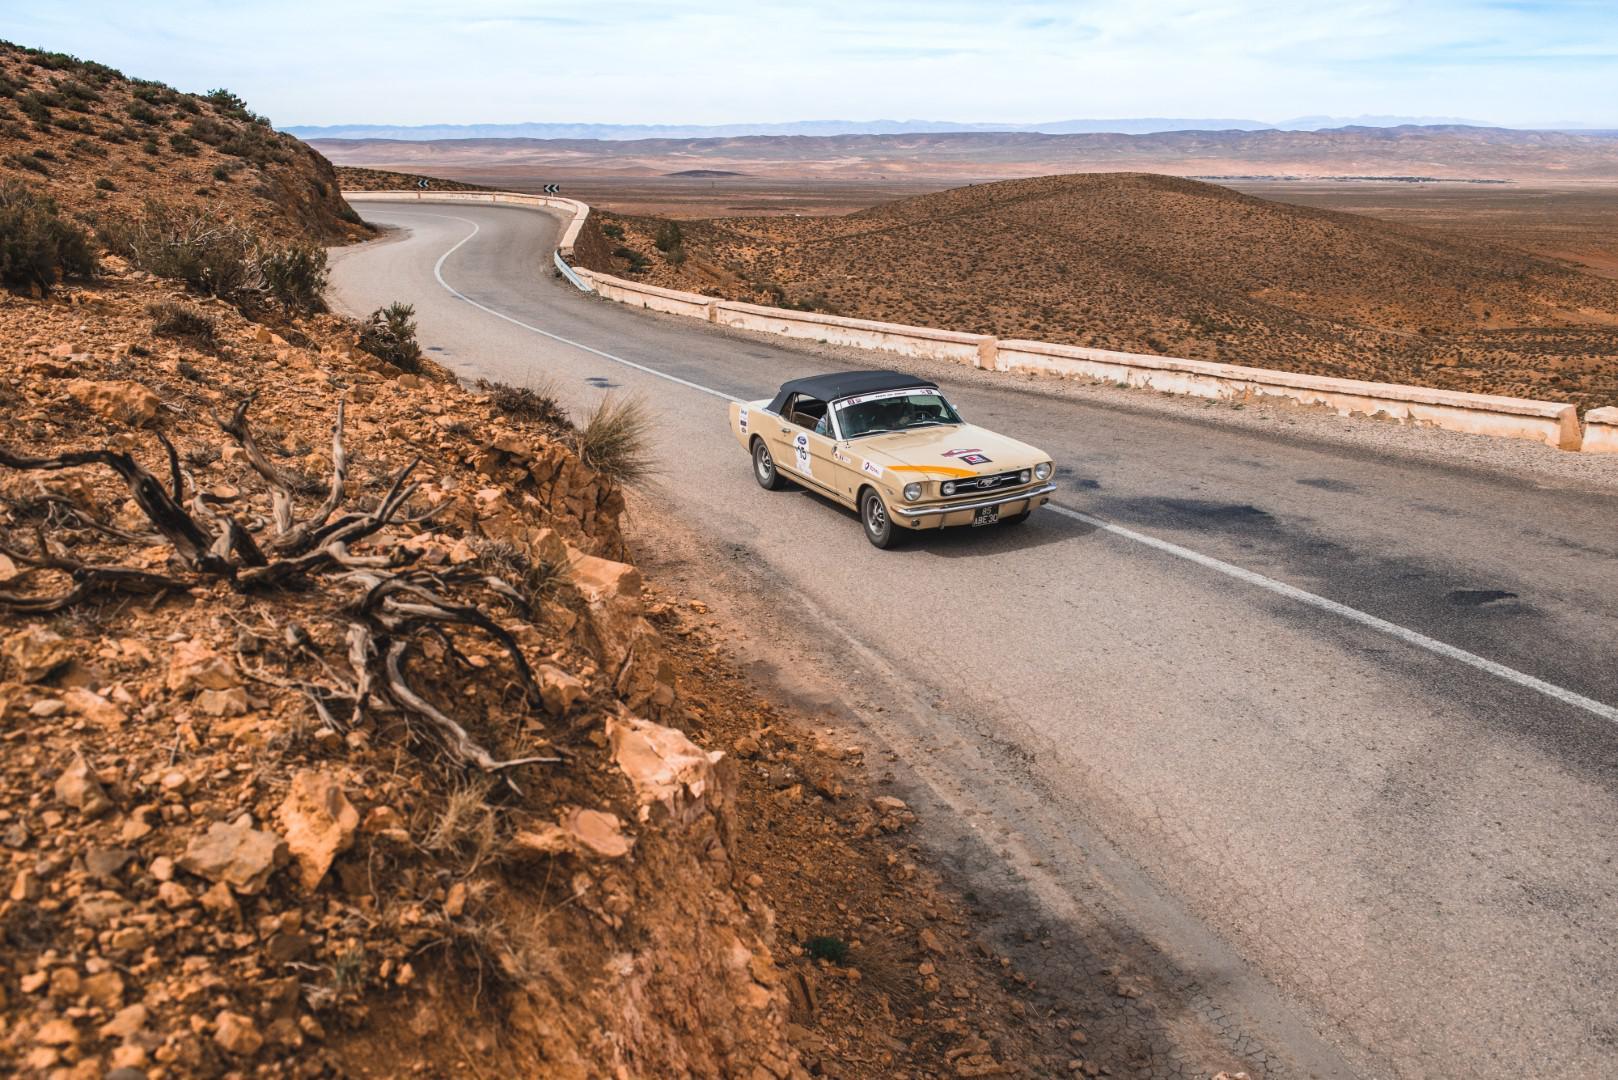 victoire-marocaine-pour-le-25eme-anniversaire-du-rallye-maroc-classic-680-15.jpg